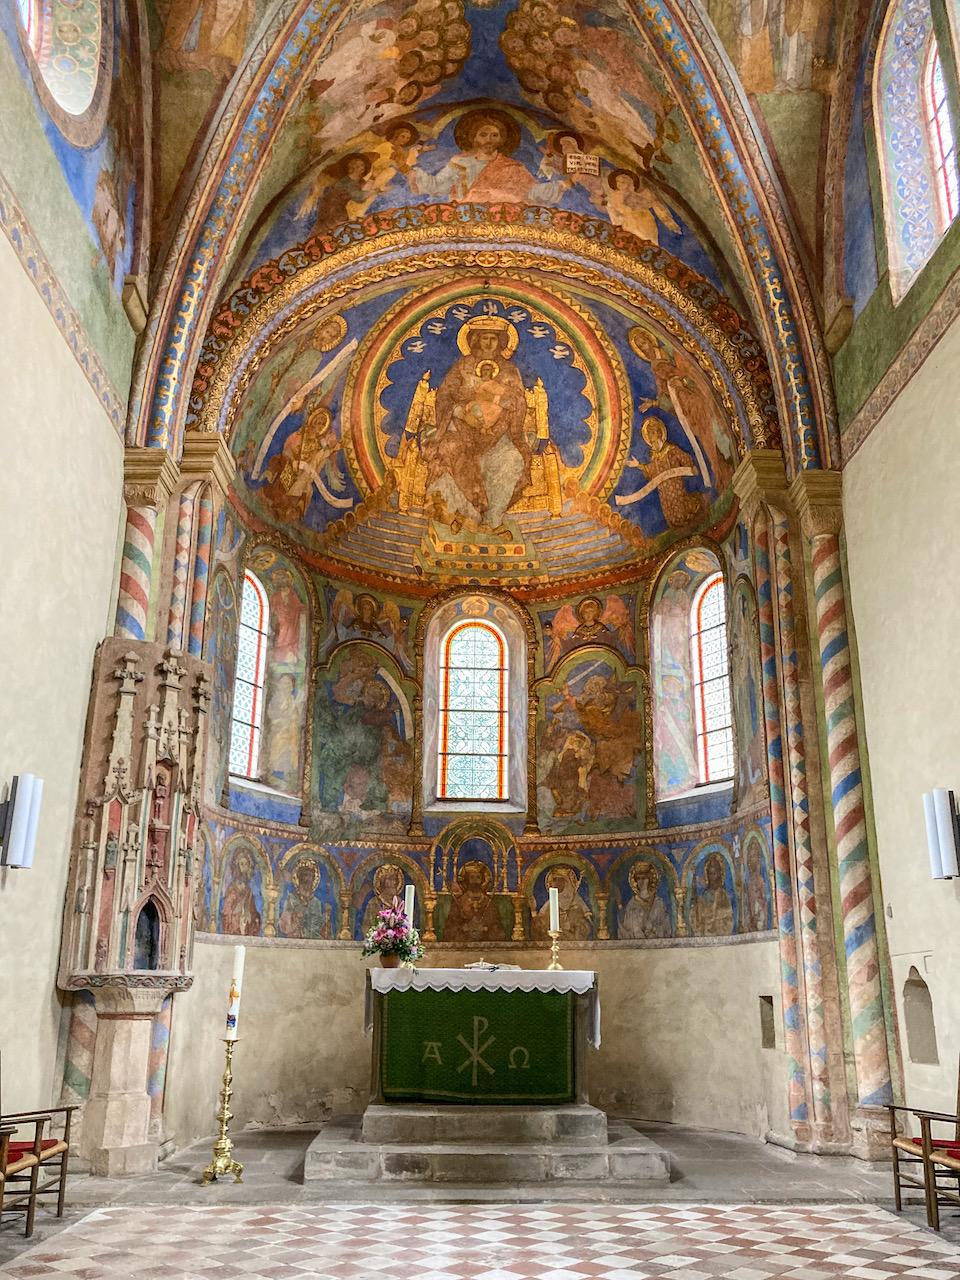 Altarraum mit Wandmalereien (erste Hälfte 13. Jh.), im Zentrum die thronende Mutter Gottes, im Schoß der segnende Christus, umgeben von einer Mandorla in Regenbogenfarben